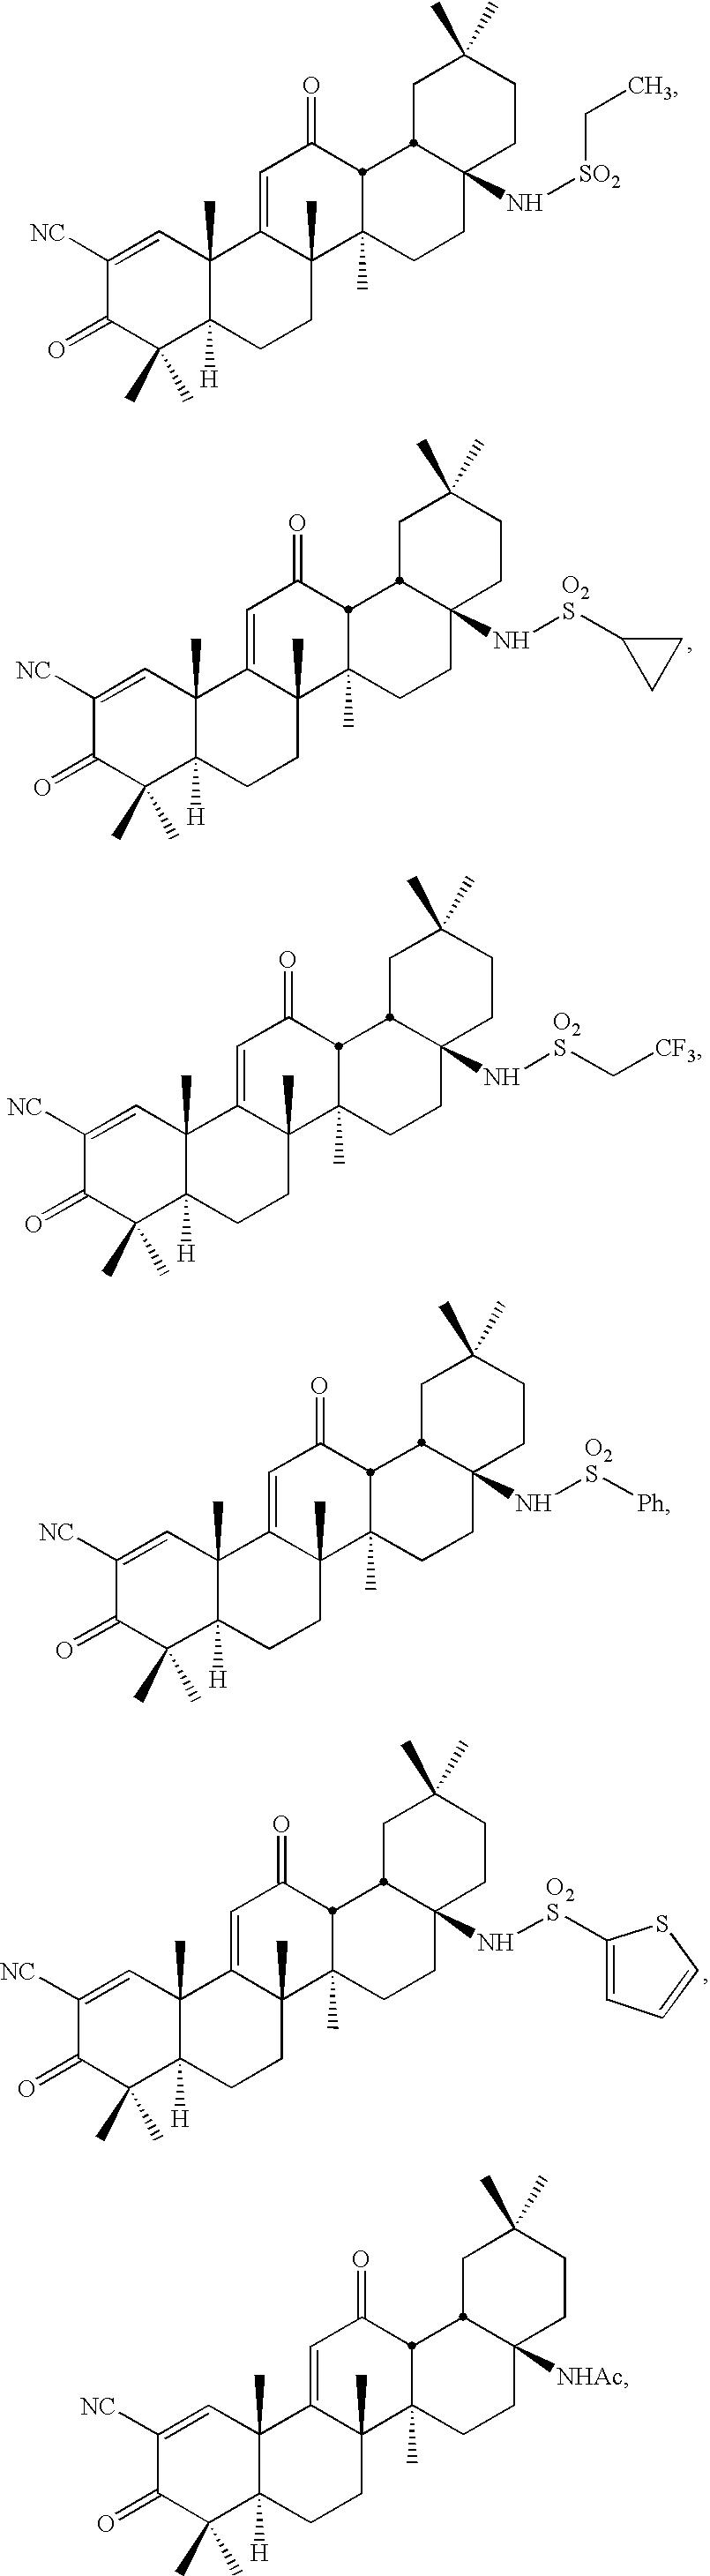 Figure US20100048892A1-20100225-C00081